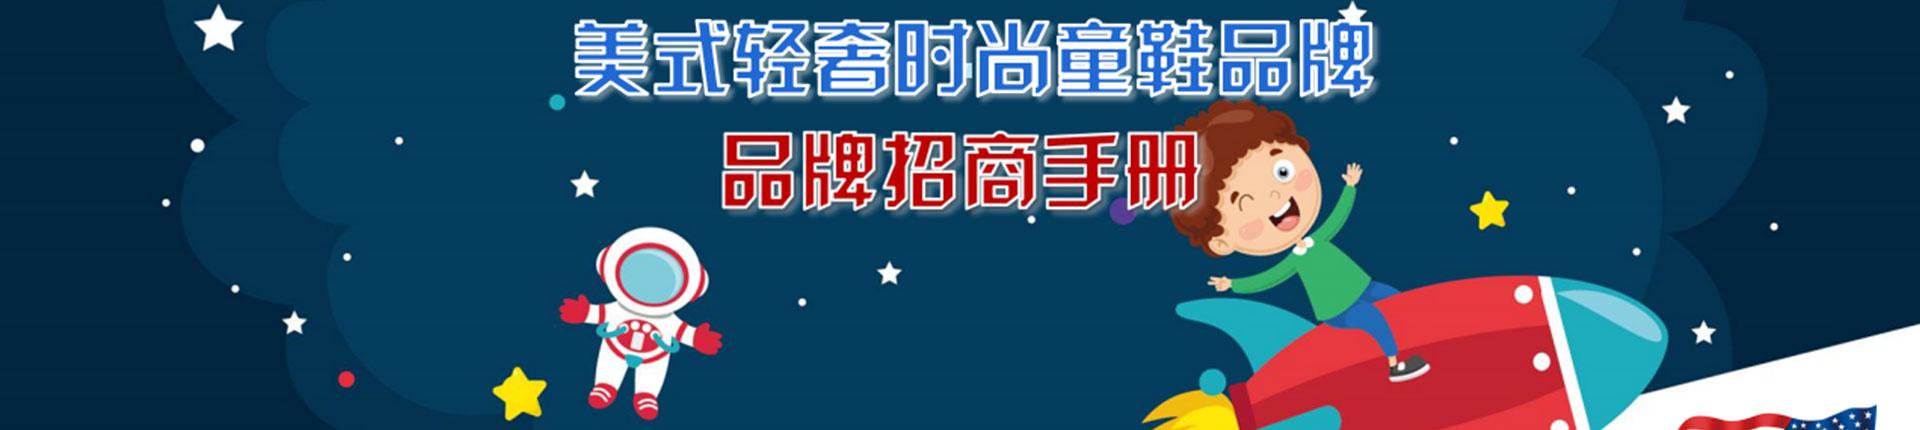 超人警长官方网站